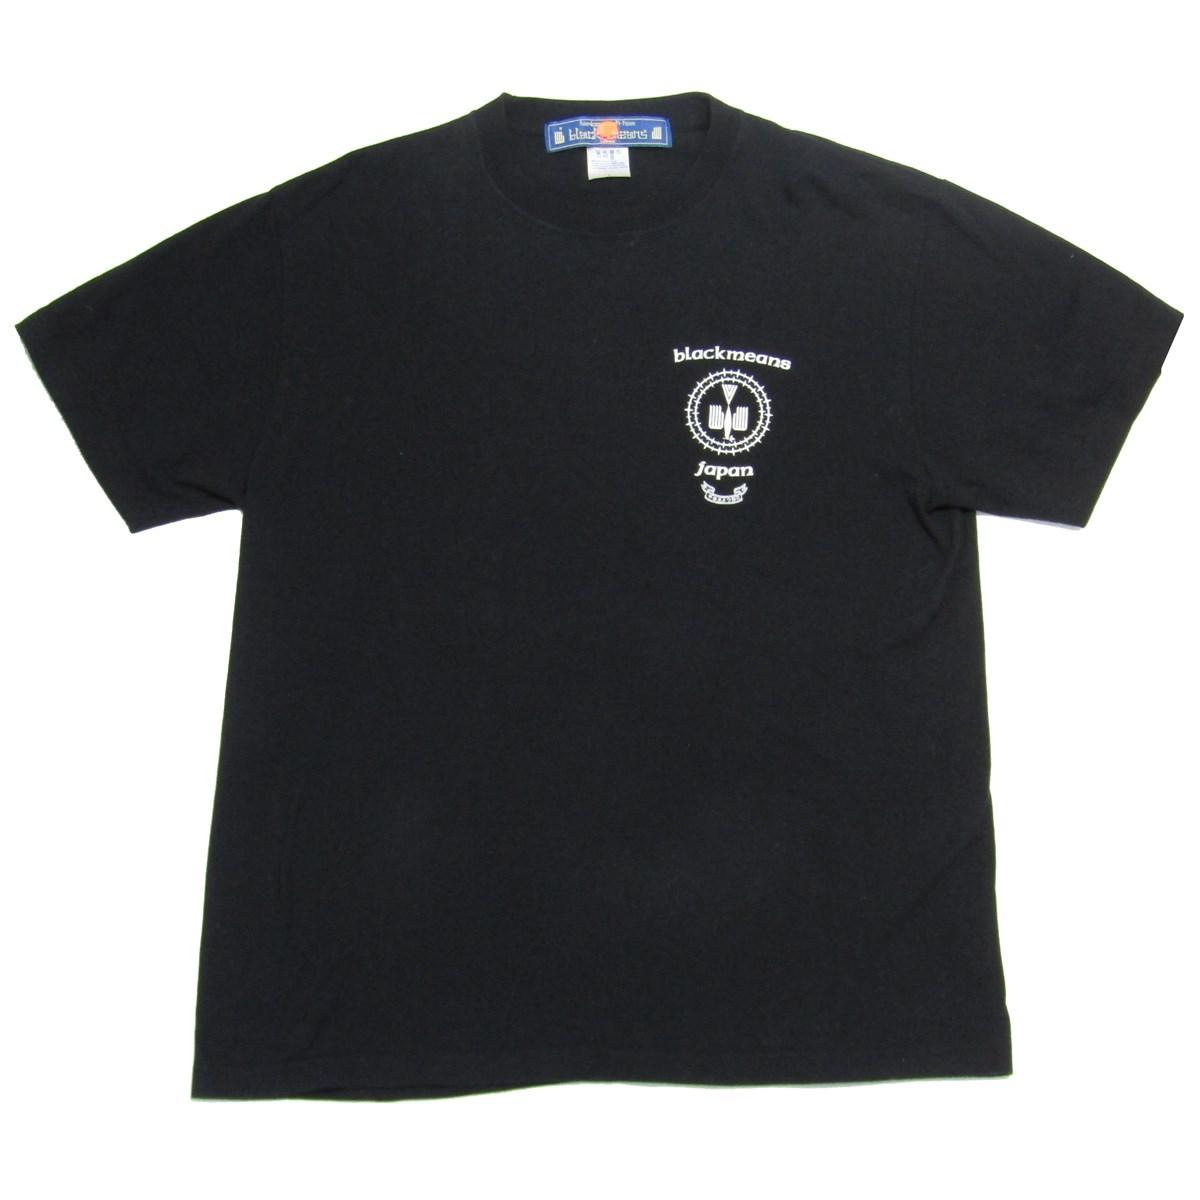 トップス, Tシャツ・カットソー blackmeans SPECIAL TEE LHP T L 250520